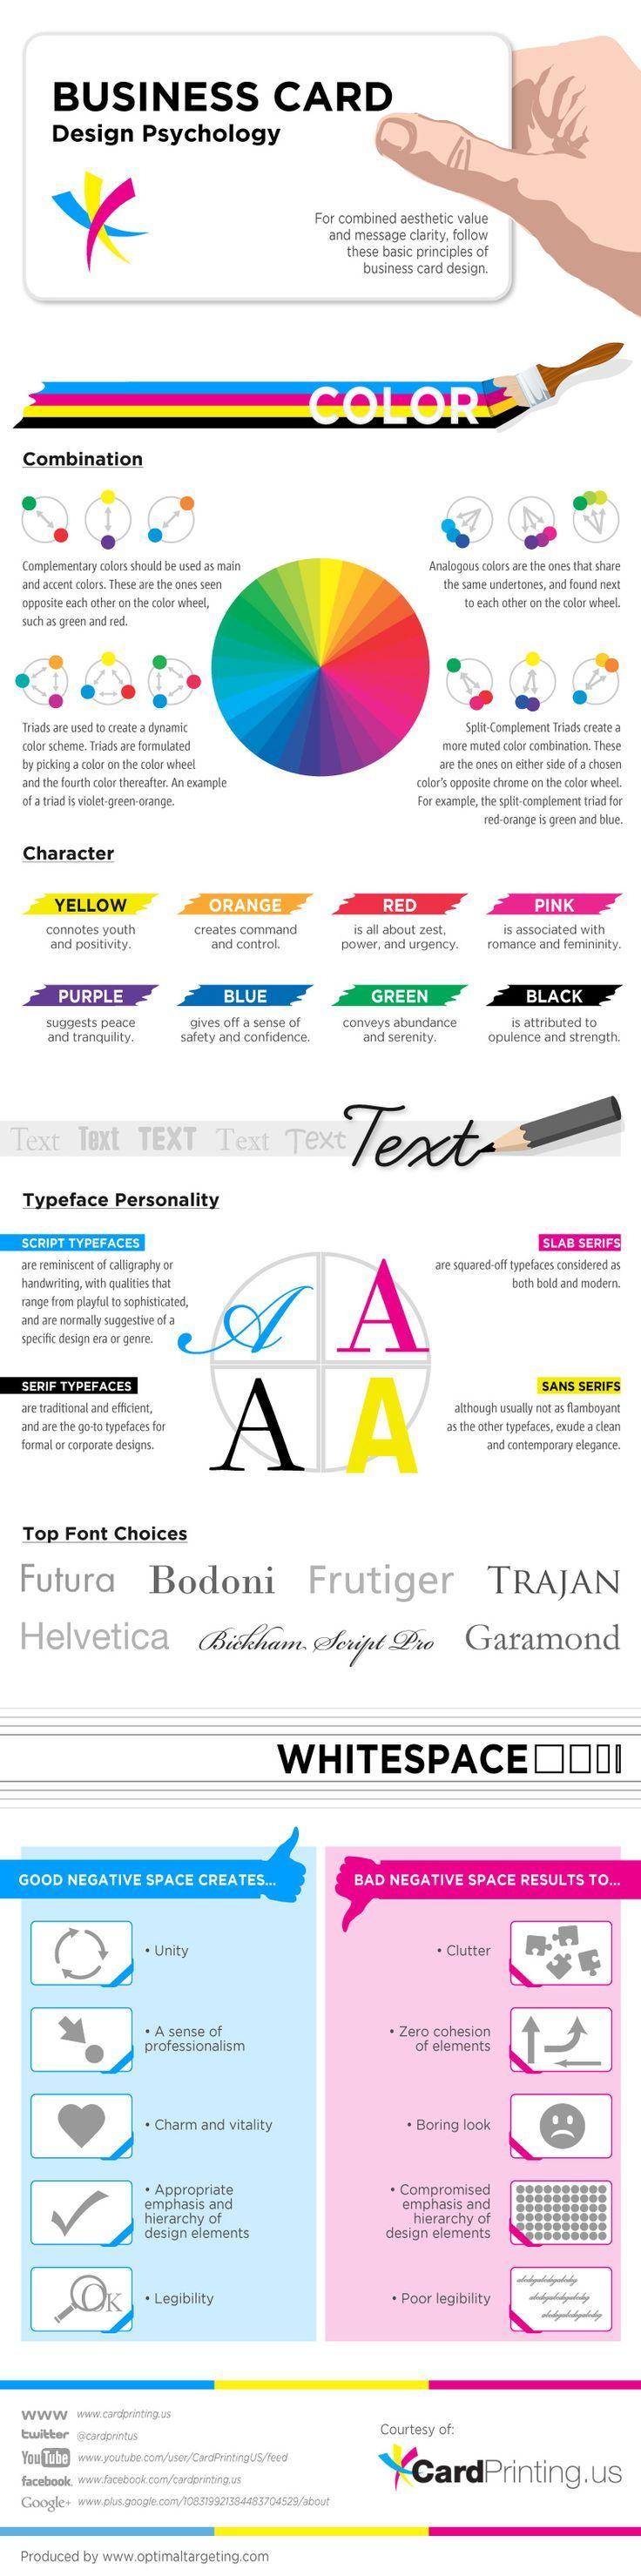 Business Card Design Psychology | Tips for designing business cards | Small business design advice